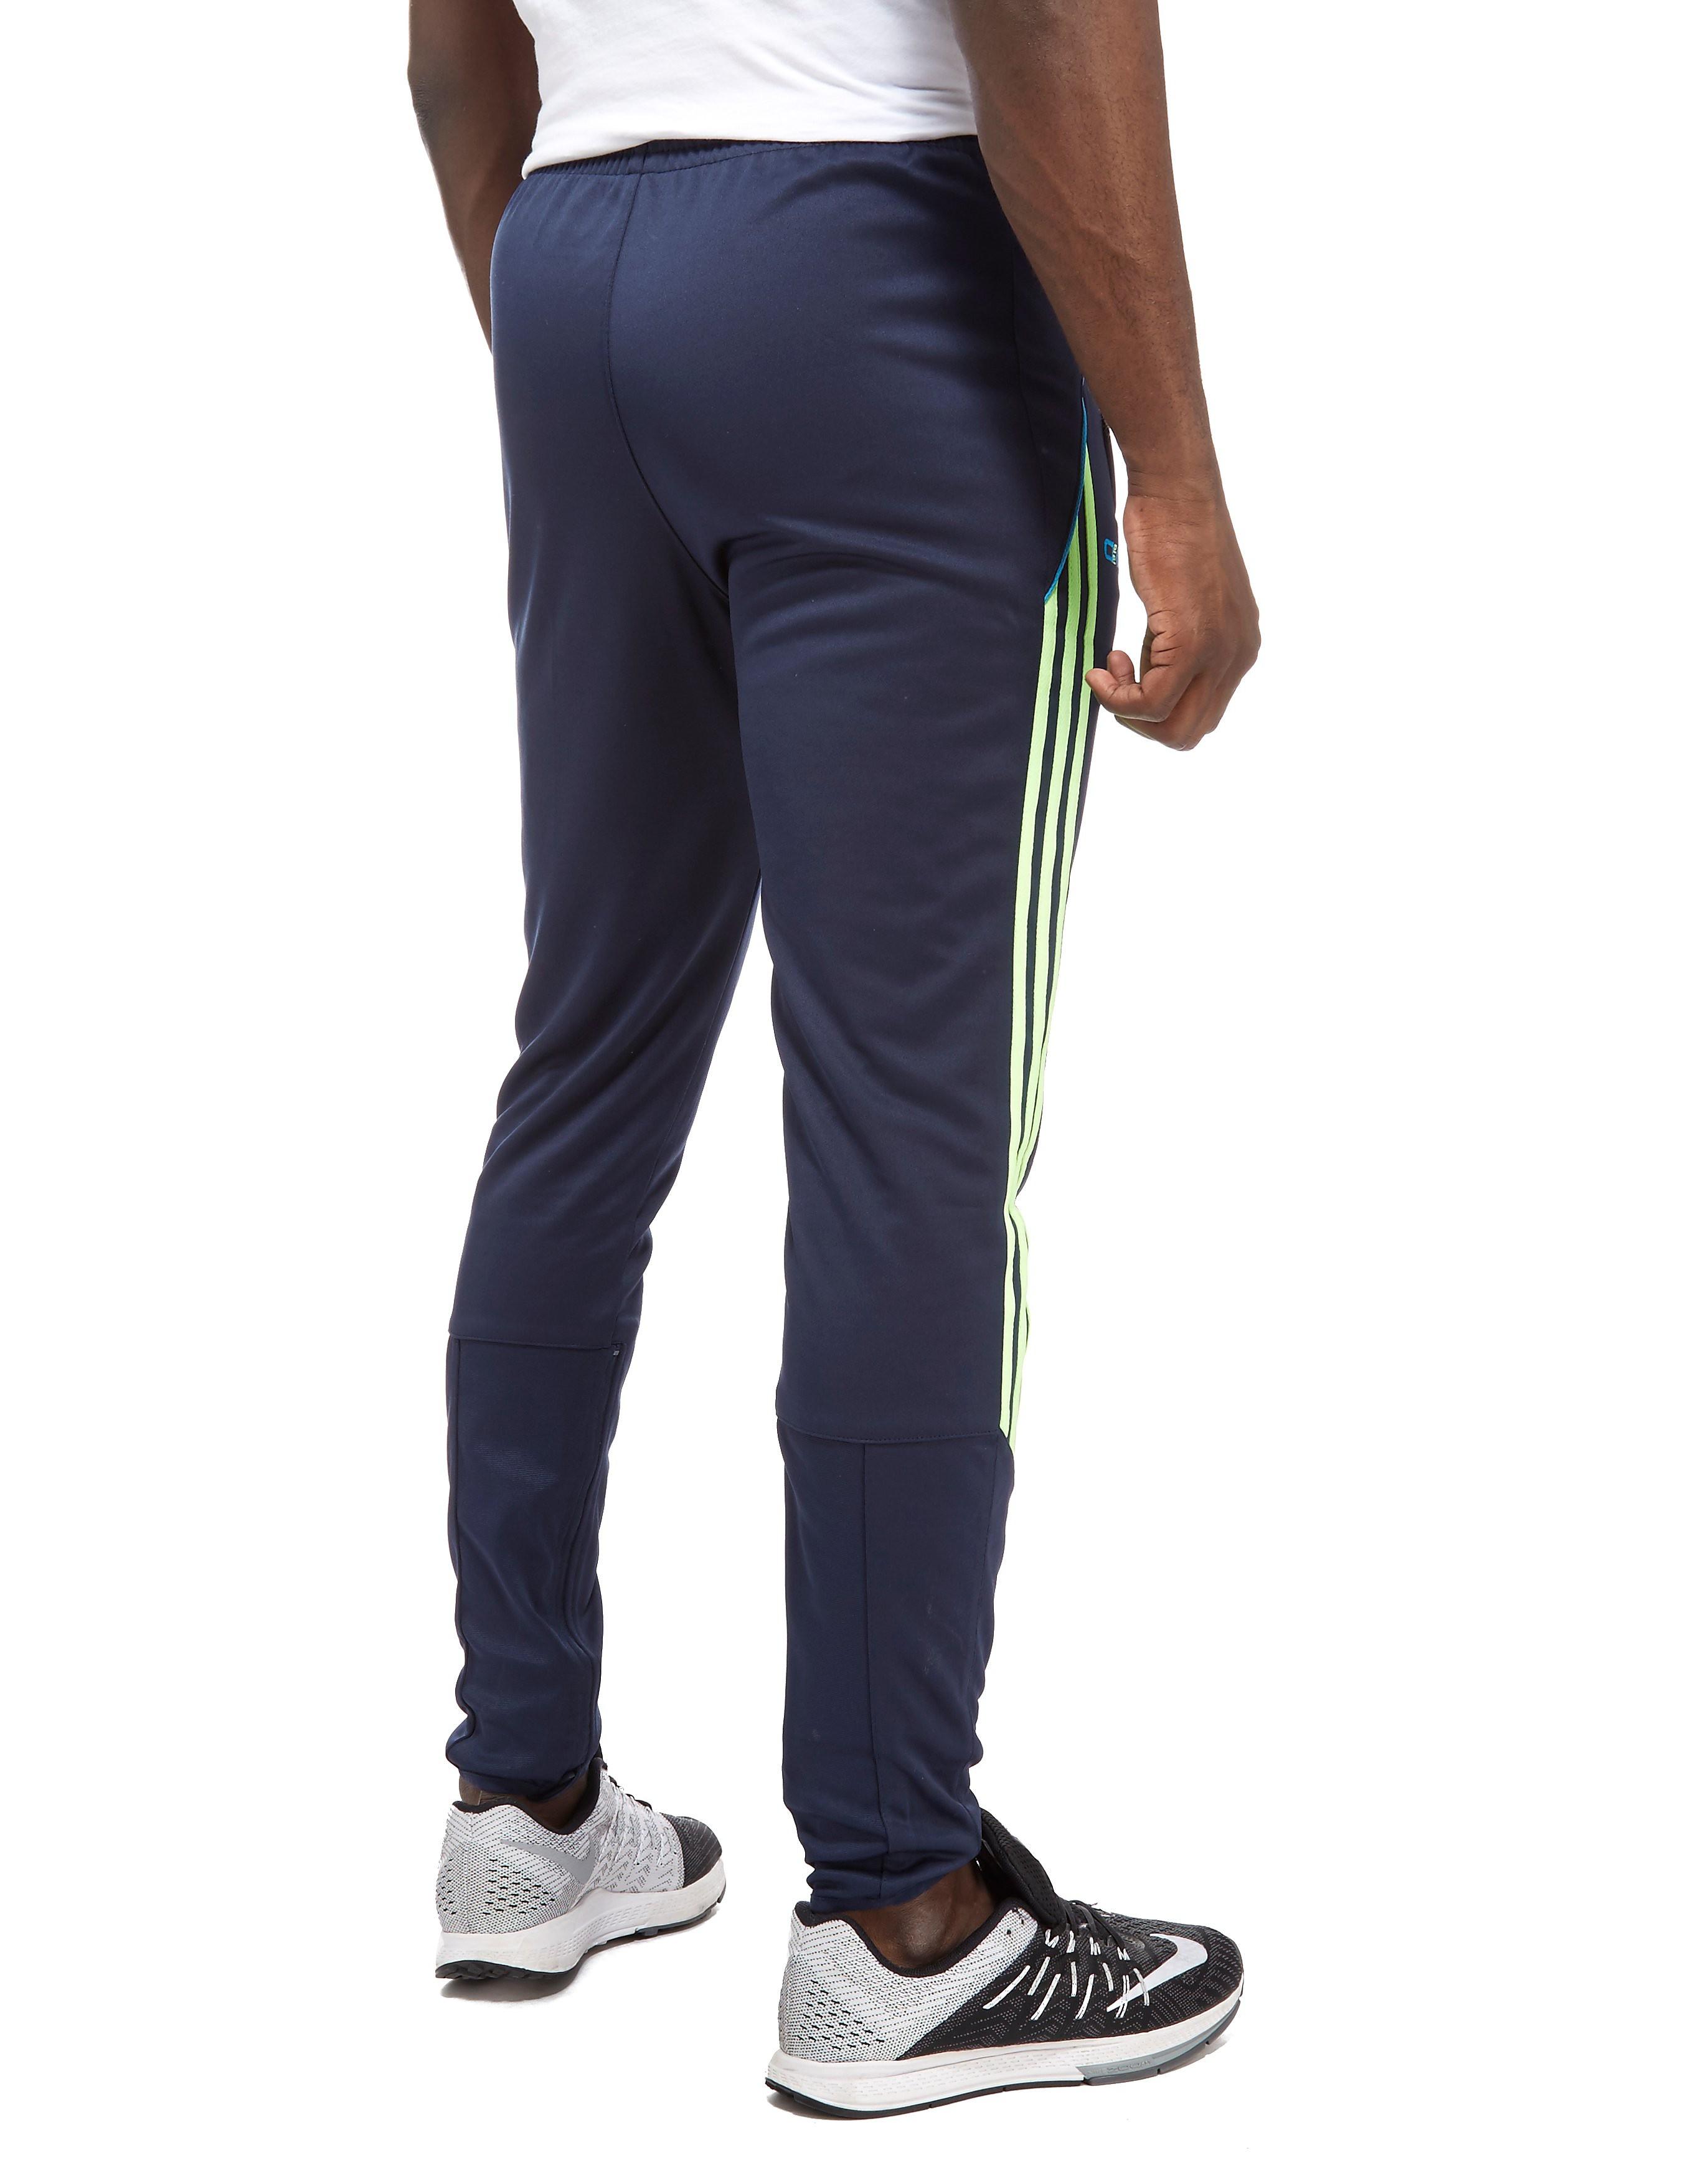 O'Neills Limerick Poly Pants